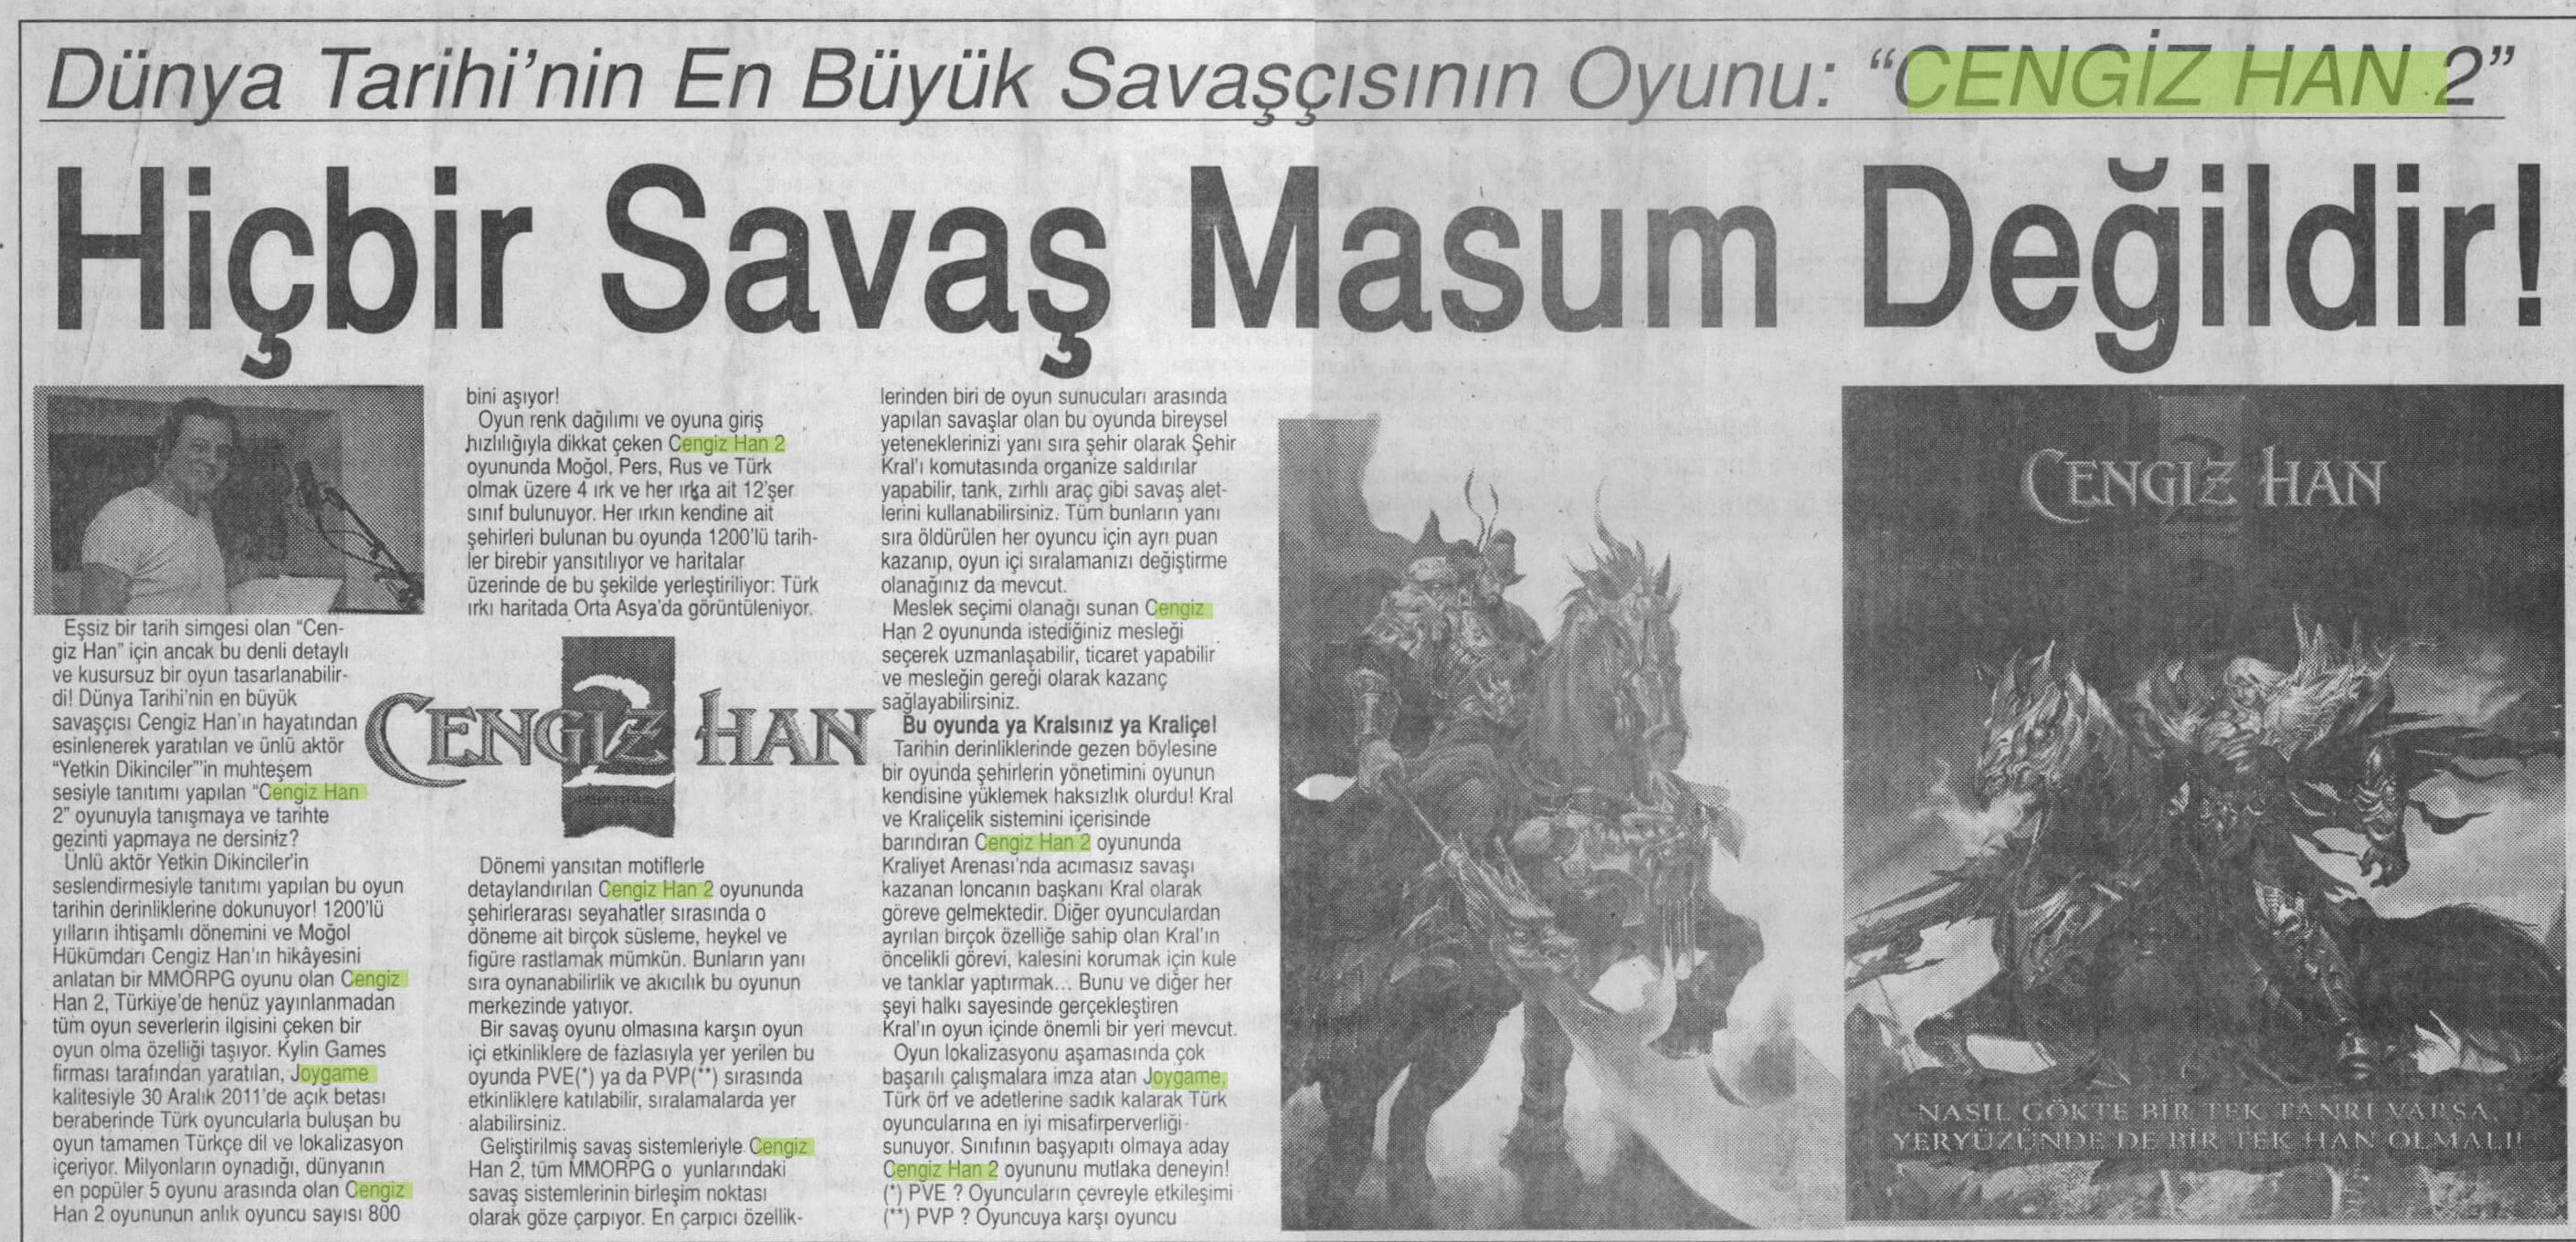 joygame basin yansimalari son saat gazetesi 25 12 haberi